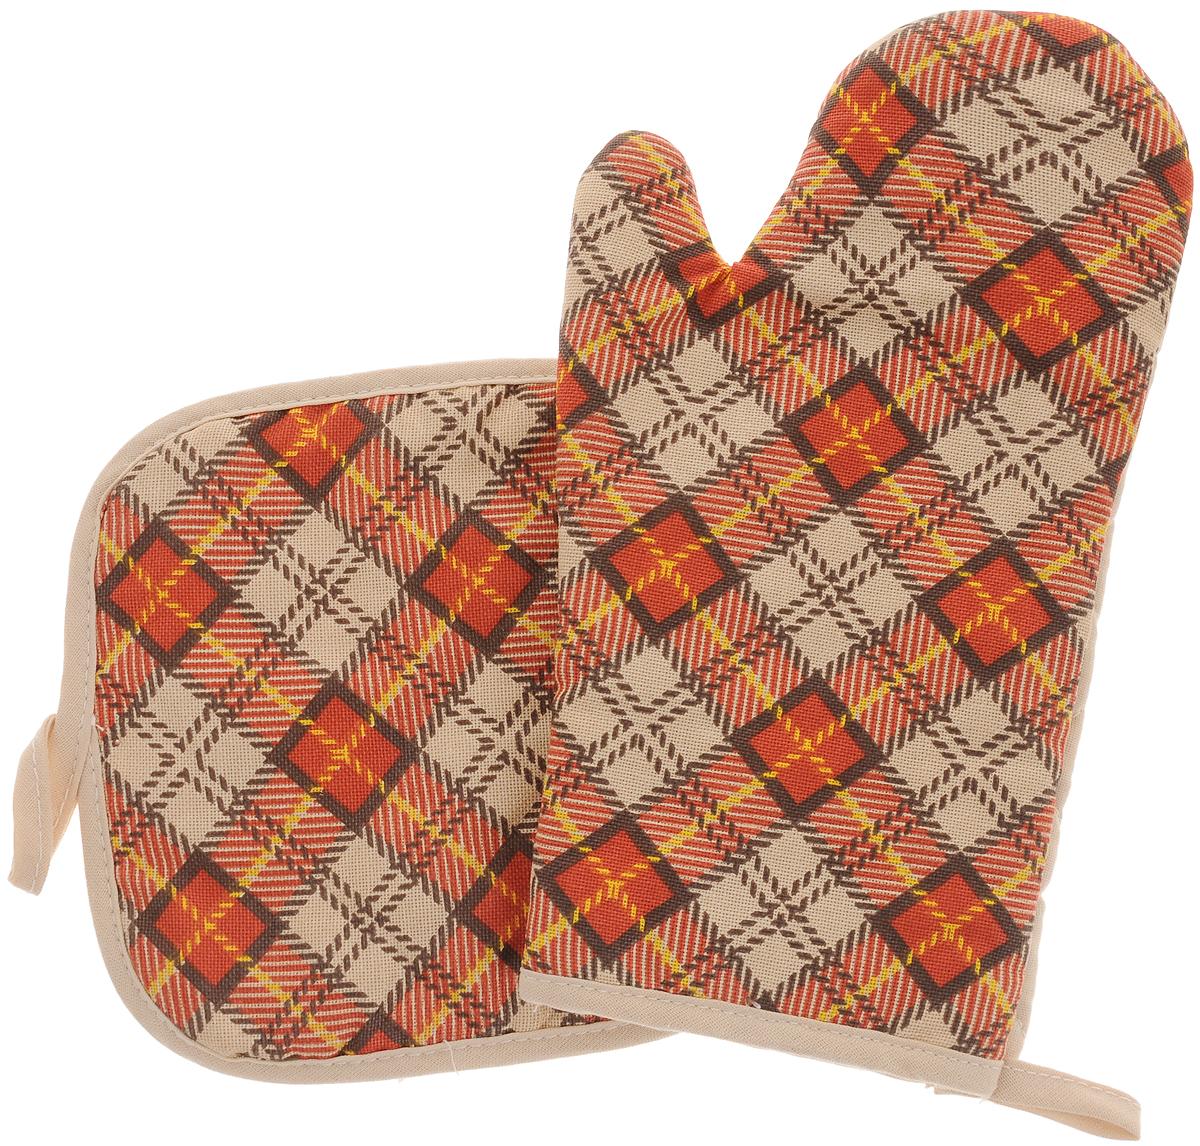 Набор прихваток Bonita Принц Уэльский, 2 предметаK100Набор Bonita Принц Уэльский состоит из прихватки-рукавицы и квадратной прихватки. Изделия выполнены из натурального хлопка и декорированы оригинальным рисунком. Прихватки простеганы, а края окантованы. Оснащены специальными петельками, за которые их можно подвесить на крючок в любом удобном для вас месте. Такой набор красиво дополнит интерьер кухни. Размер прихватки-рукавицы: 16 х 28 см.Размер прихватки: 17 х 17 см.